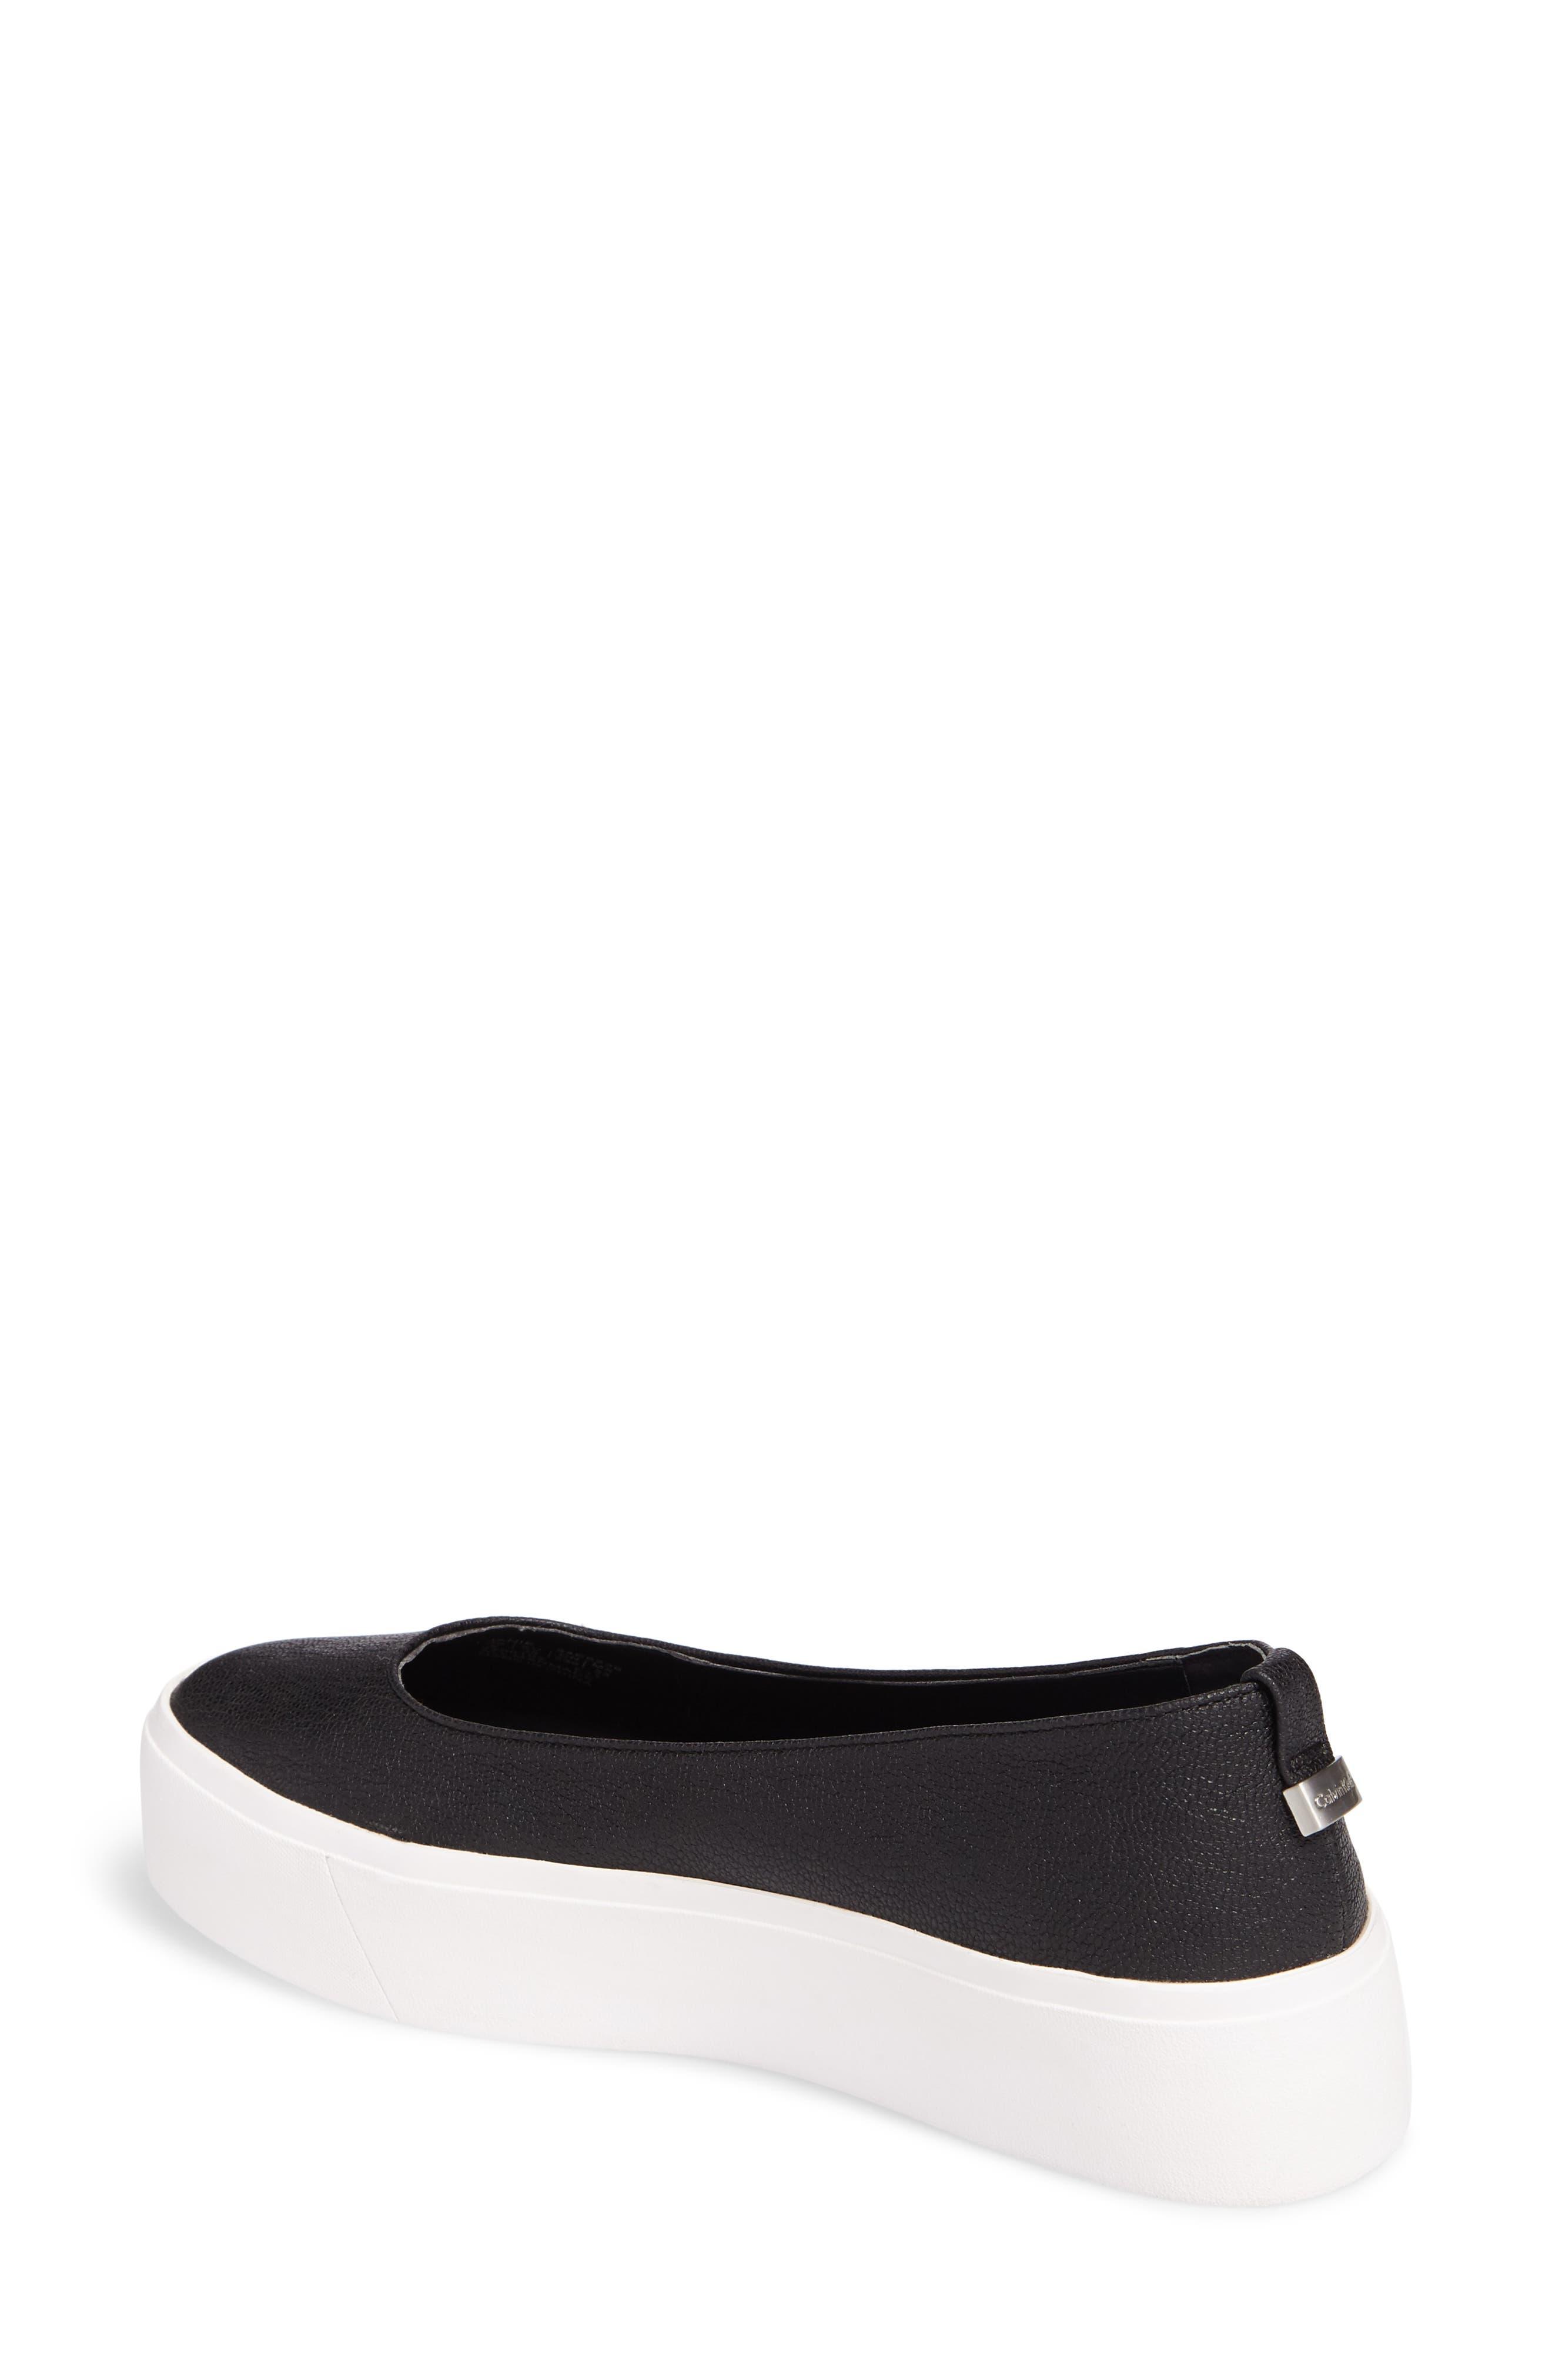 Alternate Image 2  - Calvin Klein Janie Platform Flat (Women)